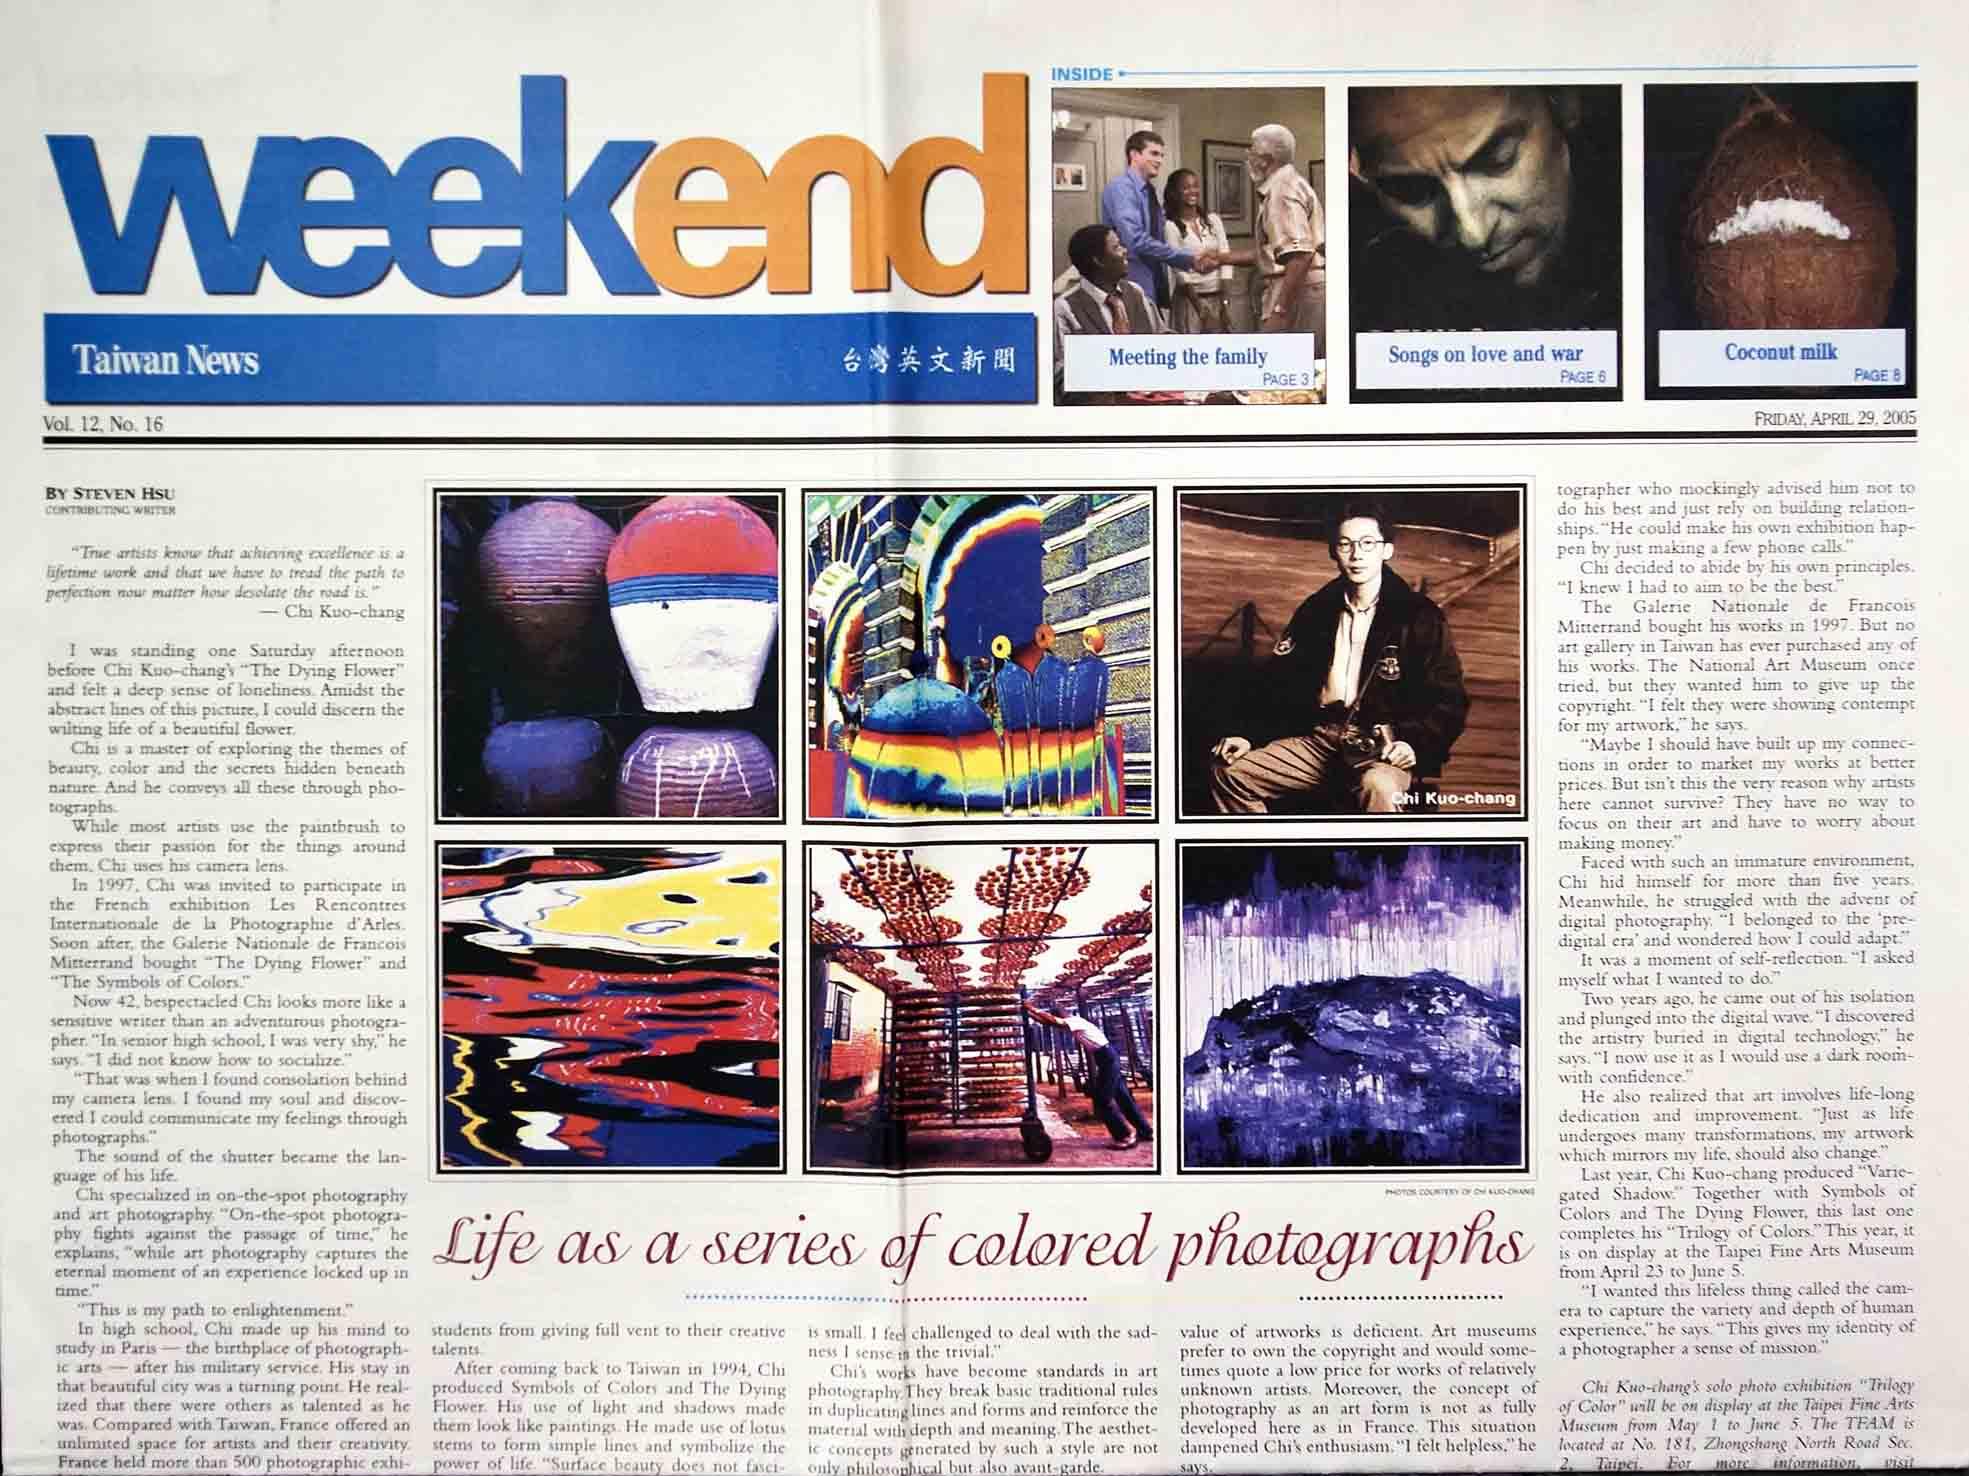 紀國章老師2005北美館色彩三部曲展覽主流媒體報導-8.jpg